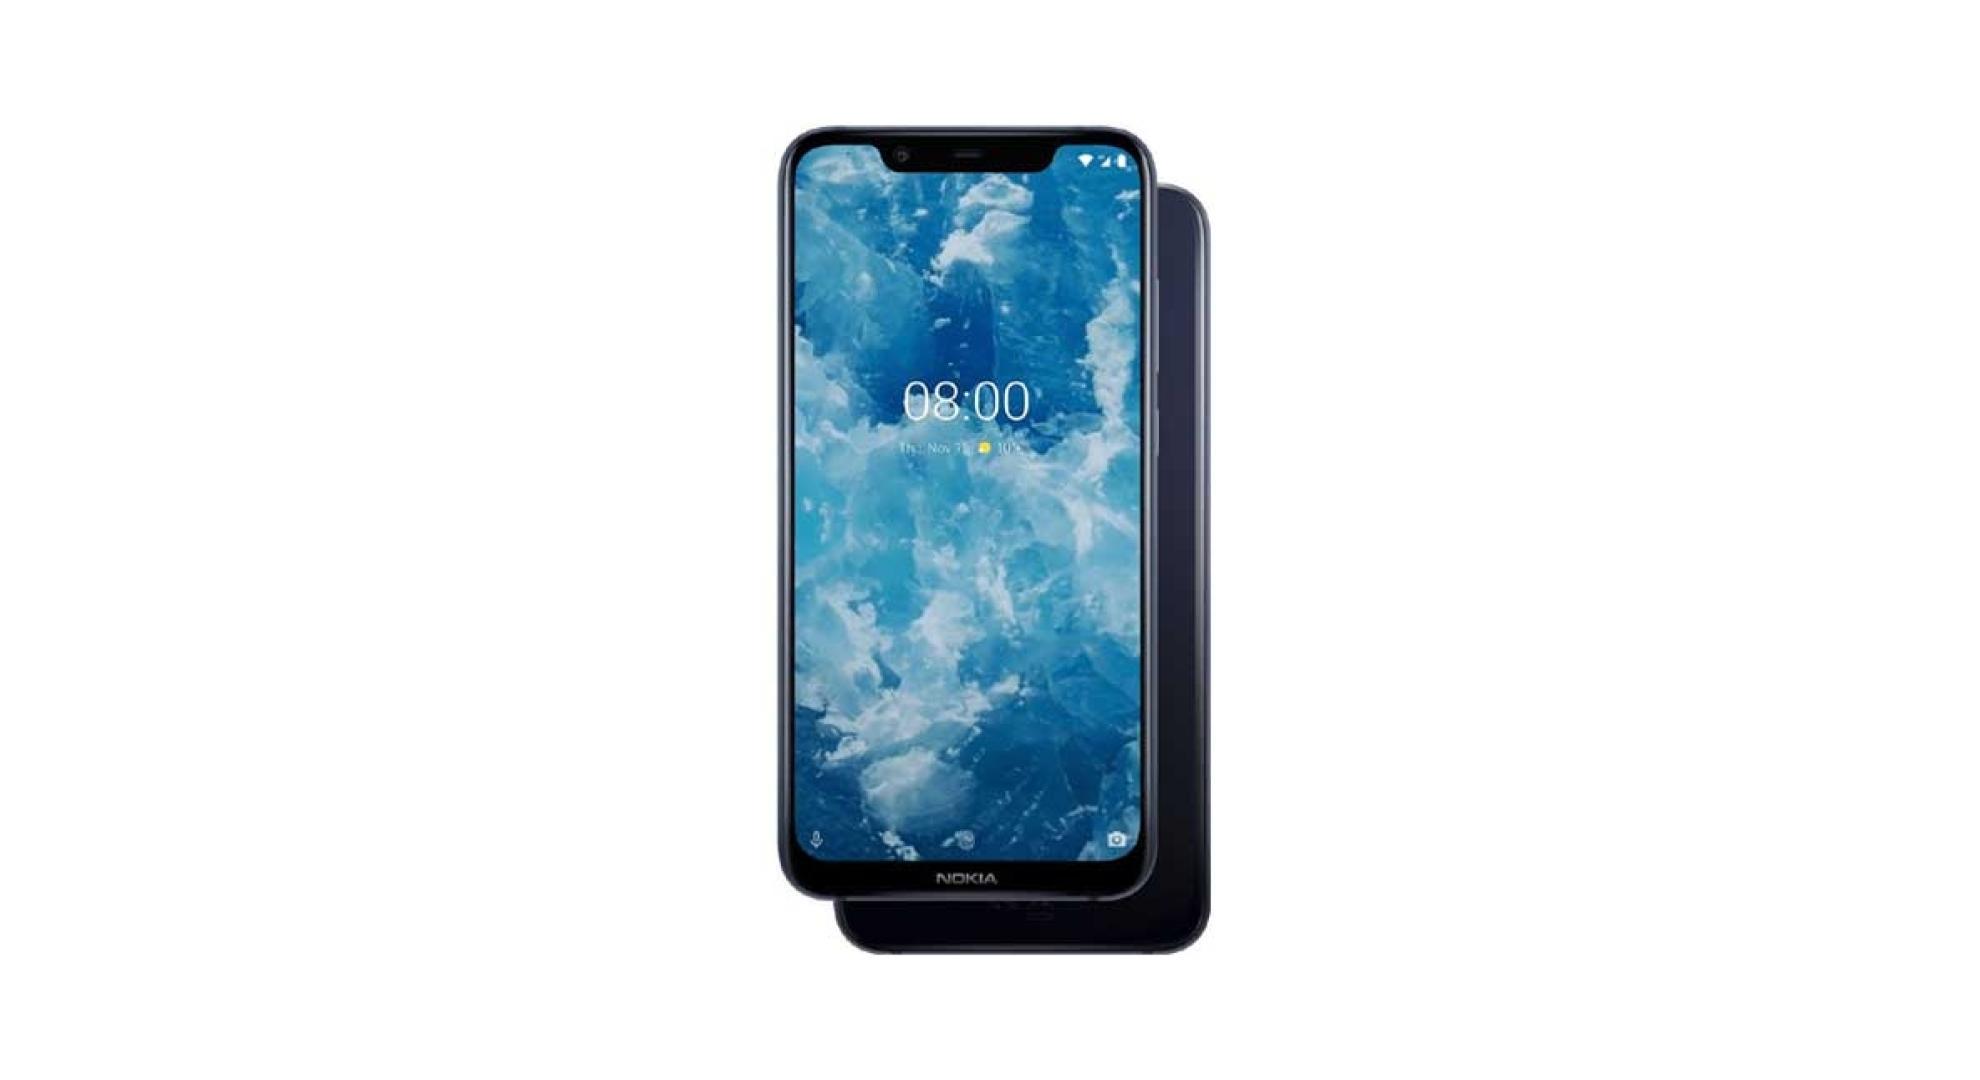 Les Meilleurs Smartphones Android A Moins De 400 Euros En 2019